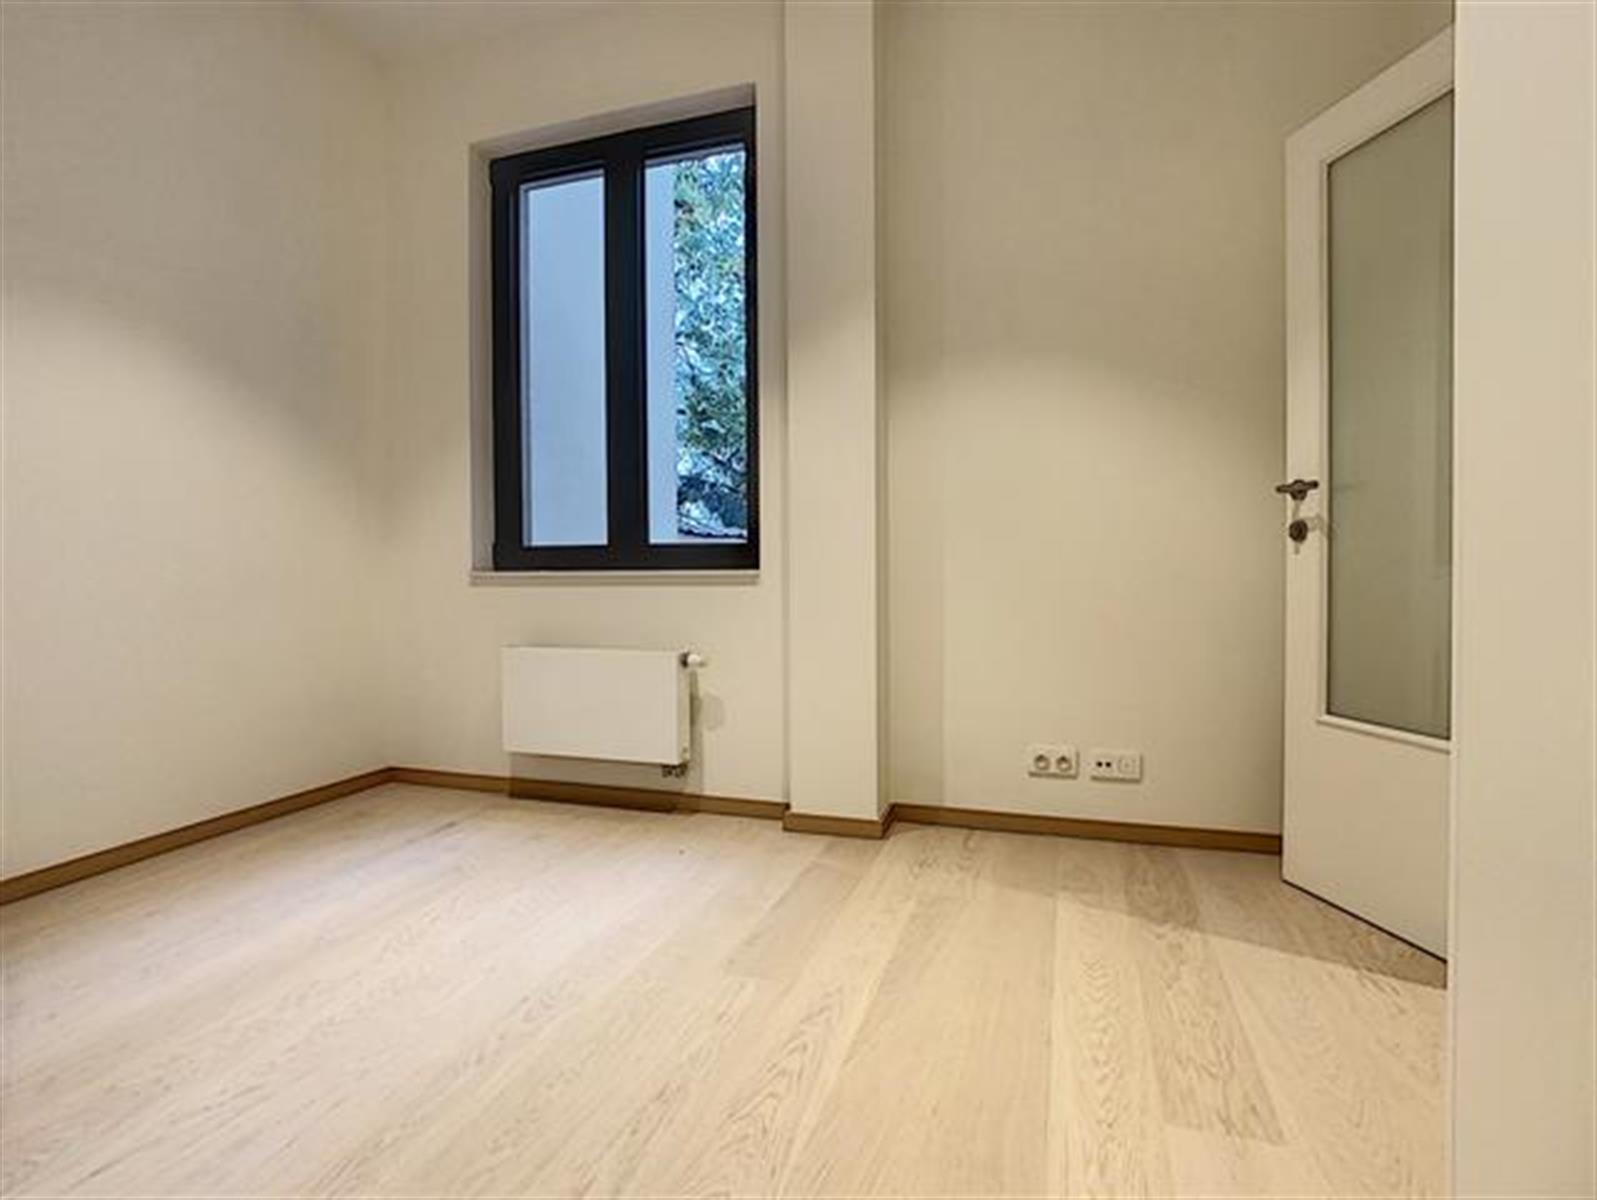 Flat - Ixelles - #4372445-12